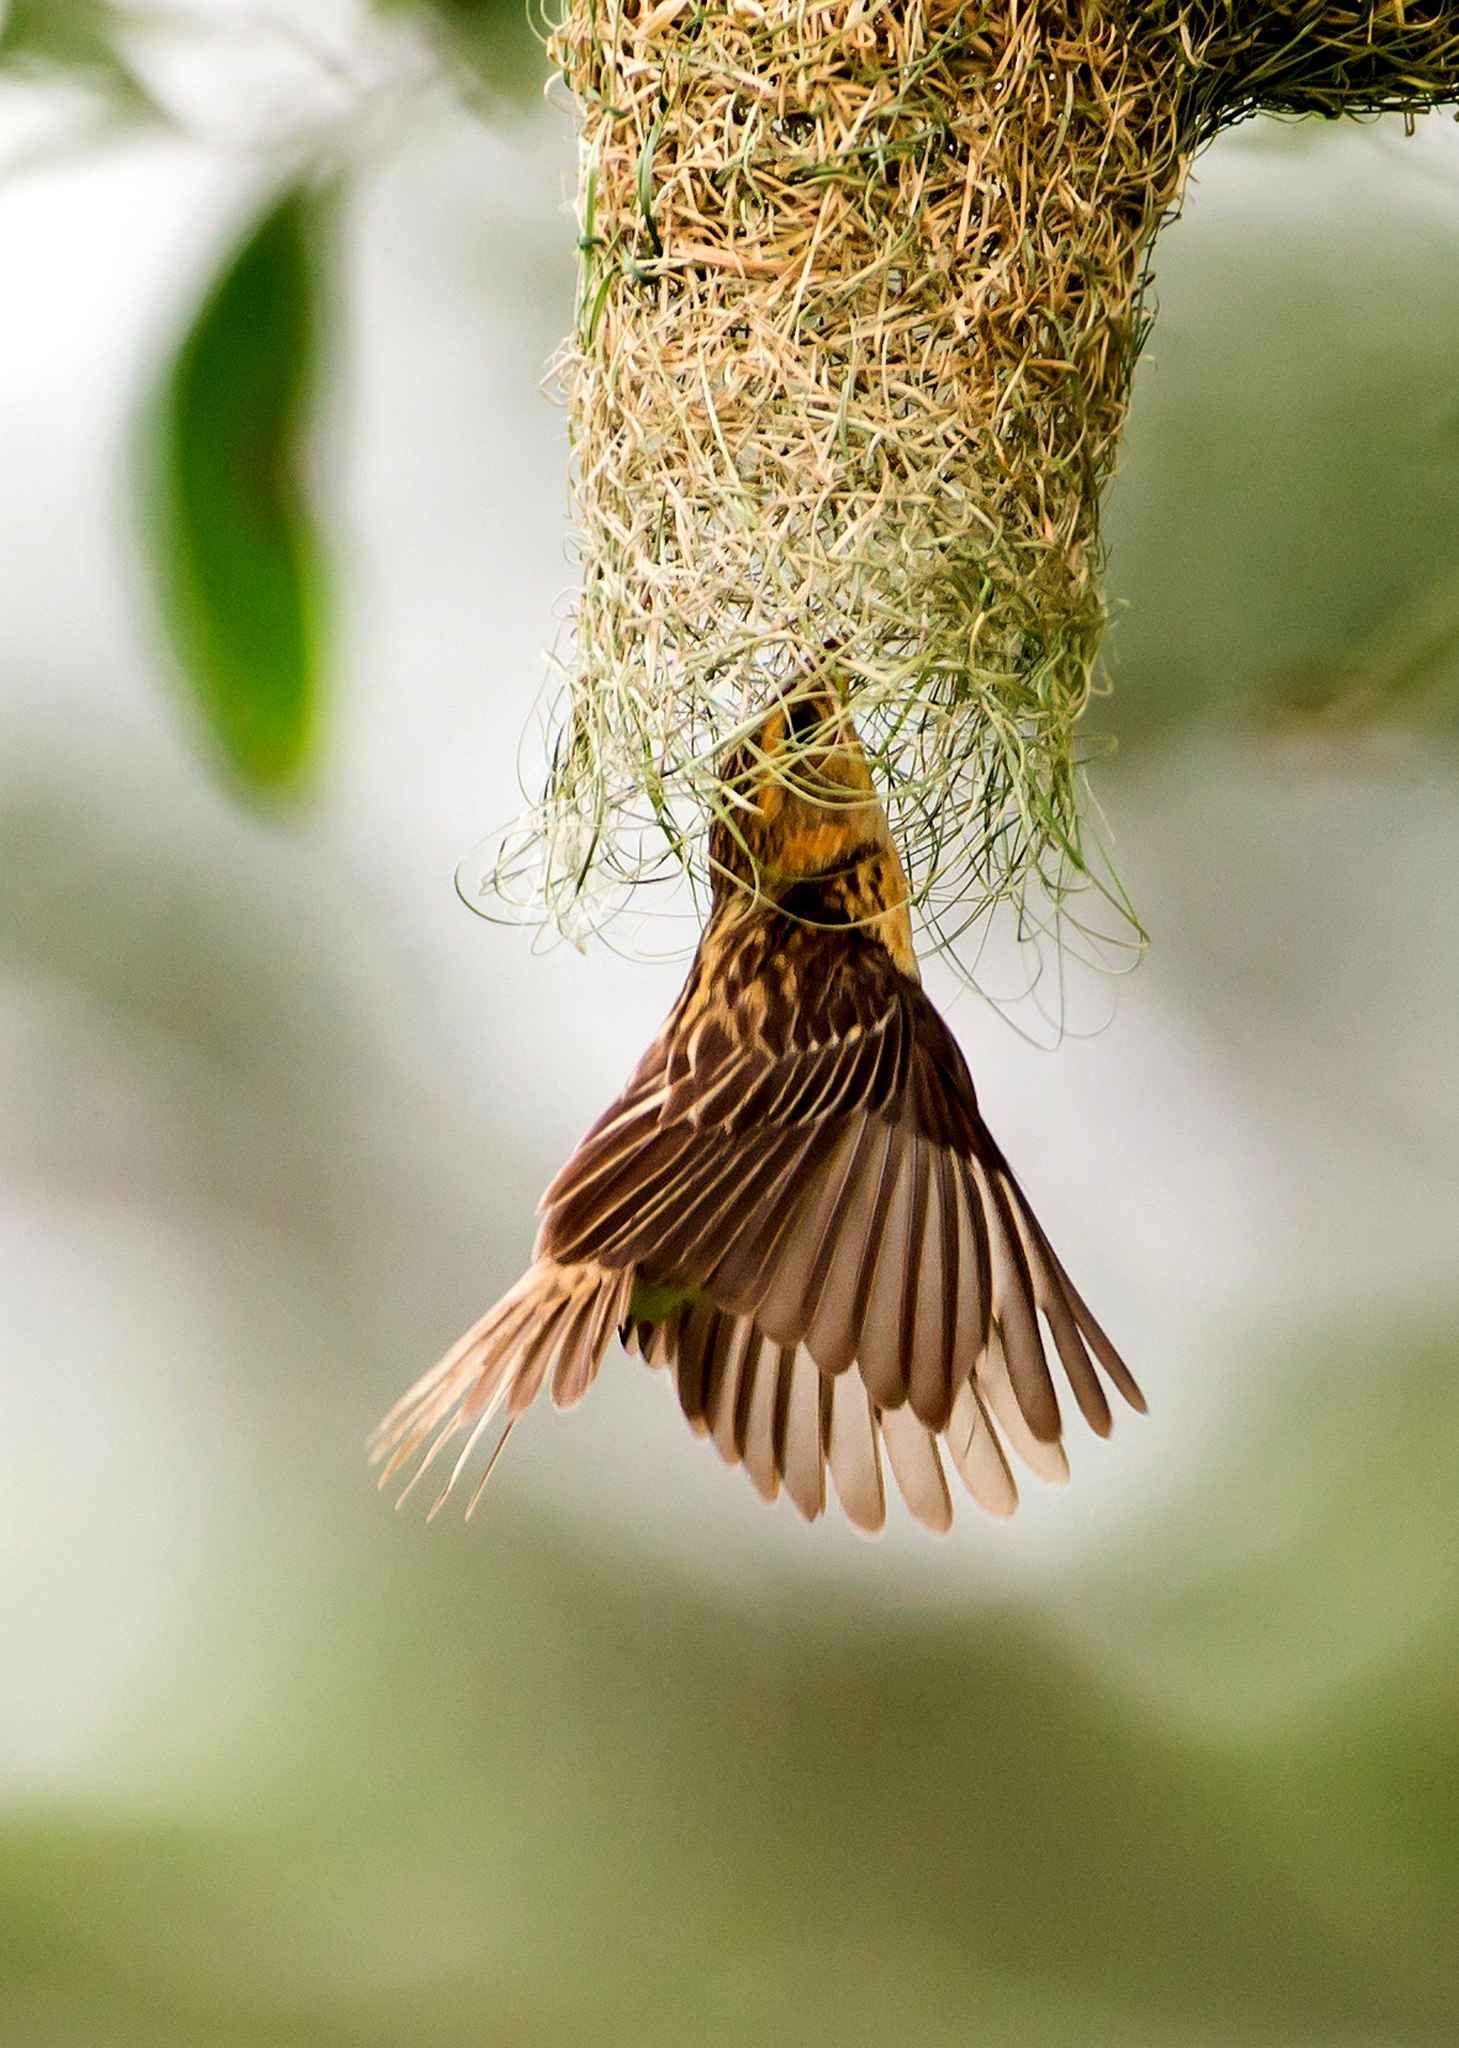 les plus belles images d 39 animaux 2014 batisseurs pinterest oiseau mouche nids et de nouveau. Black Bedroom Furniture Sets. Home Design Ideas